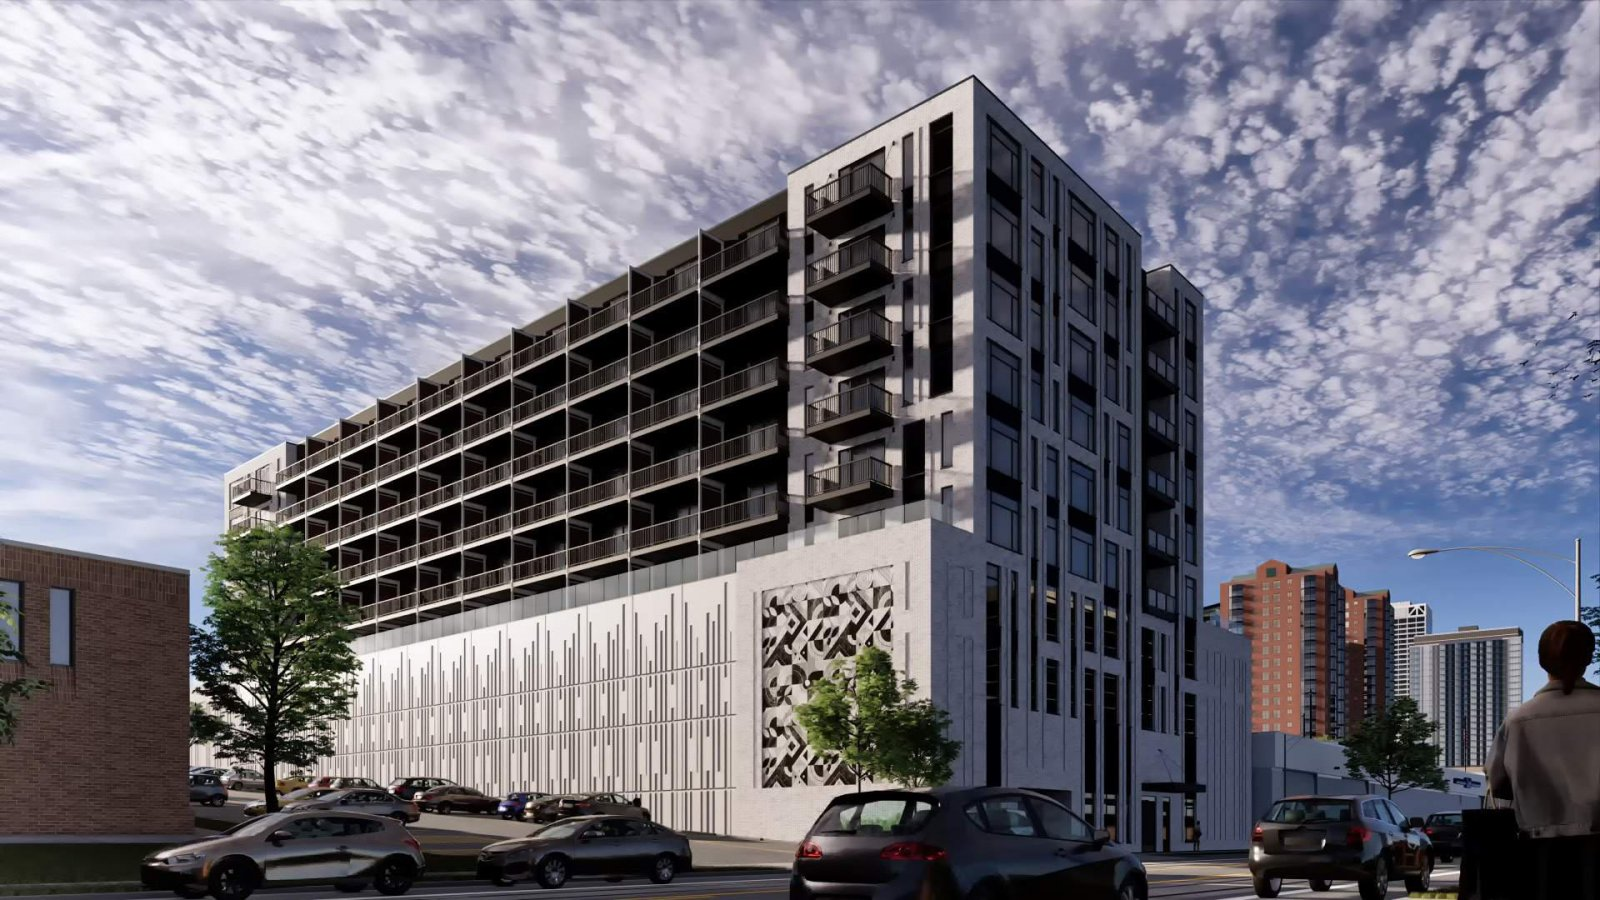 North-west facade